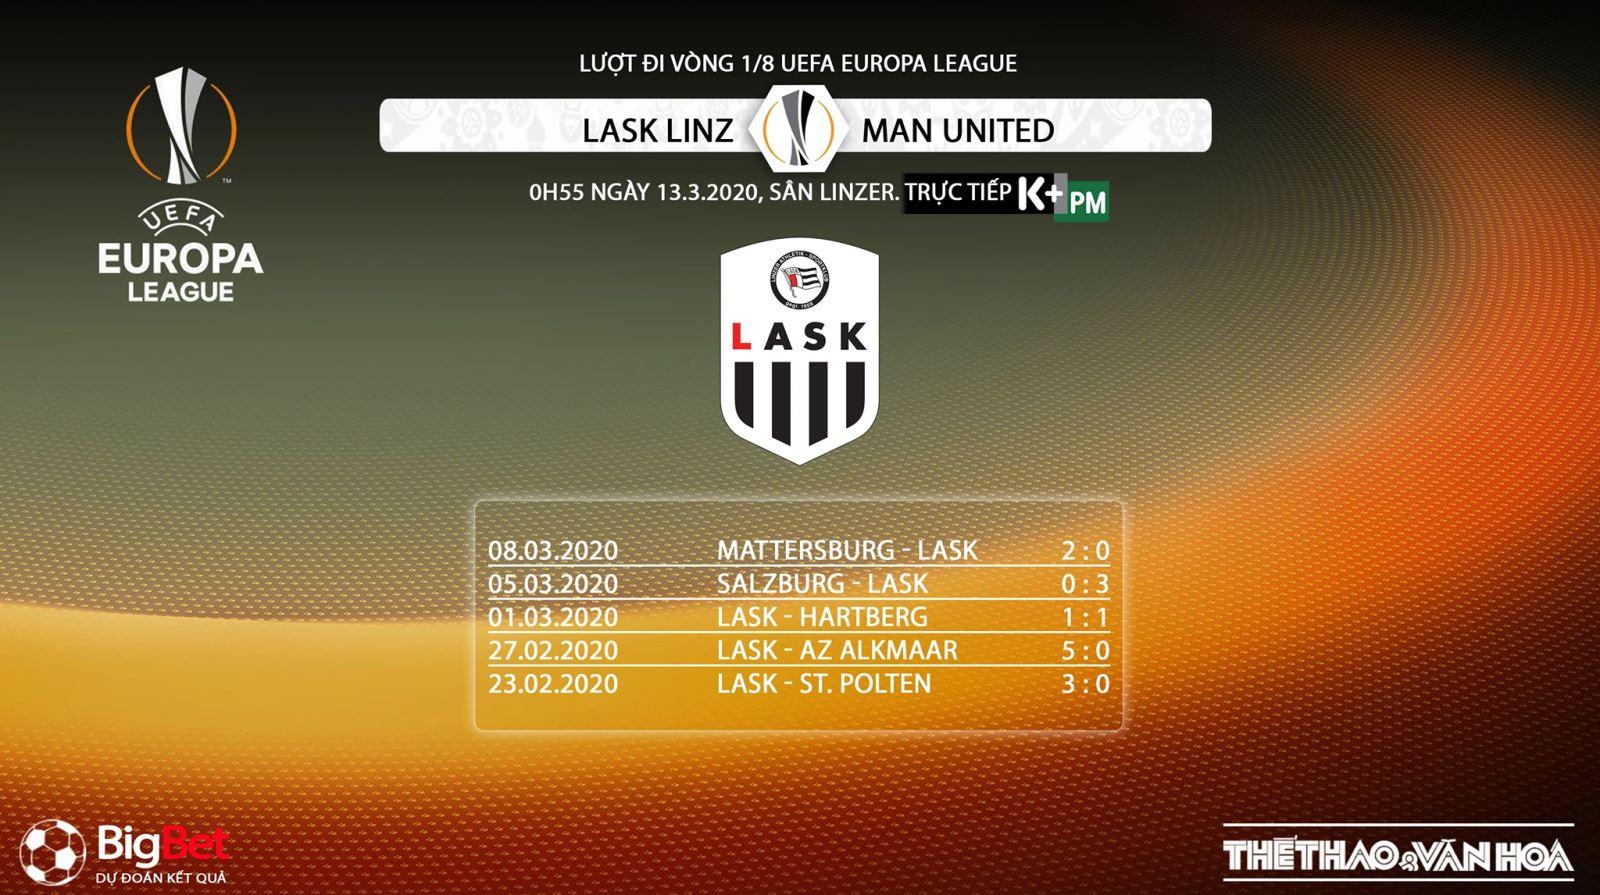 LASK Linz vs MU, LASK, MU, trực tiếp LASK Linz vs MU, bóng đá, bong da, lịch thi đấu bóng đá, trực tiếp bóng đá, K+PM, K+PC